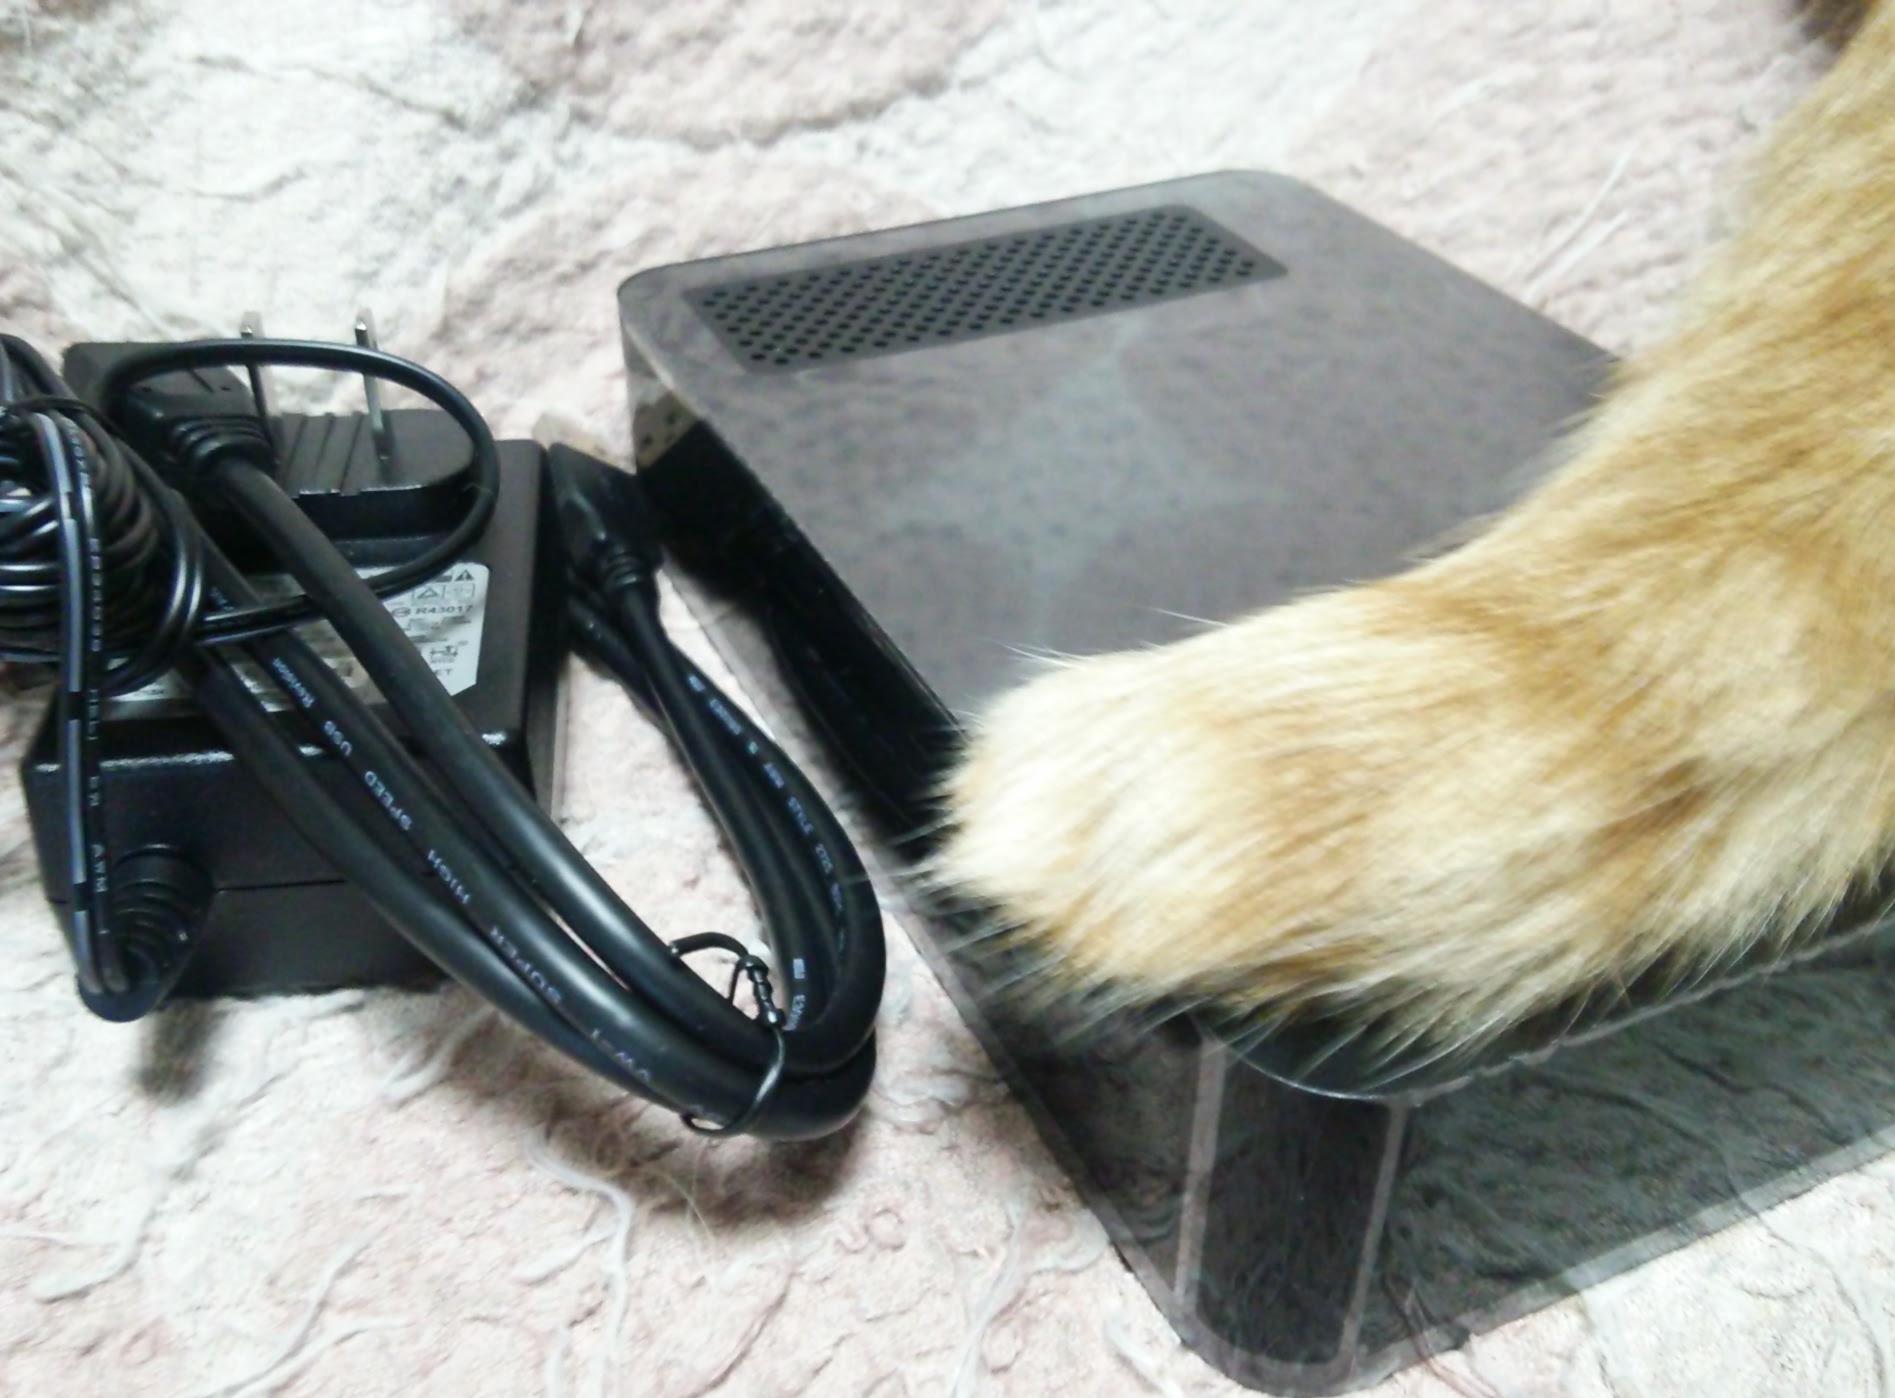 簡易NASを構築できた!無線LANルータに外付けハードディスクを繋げてみた